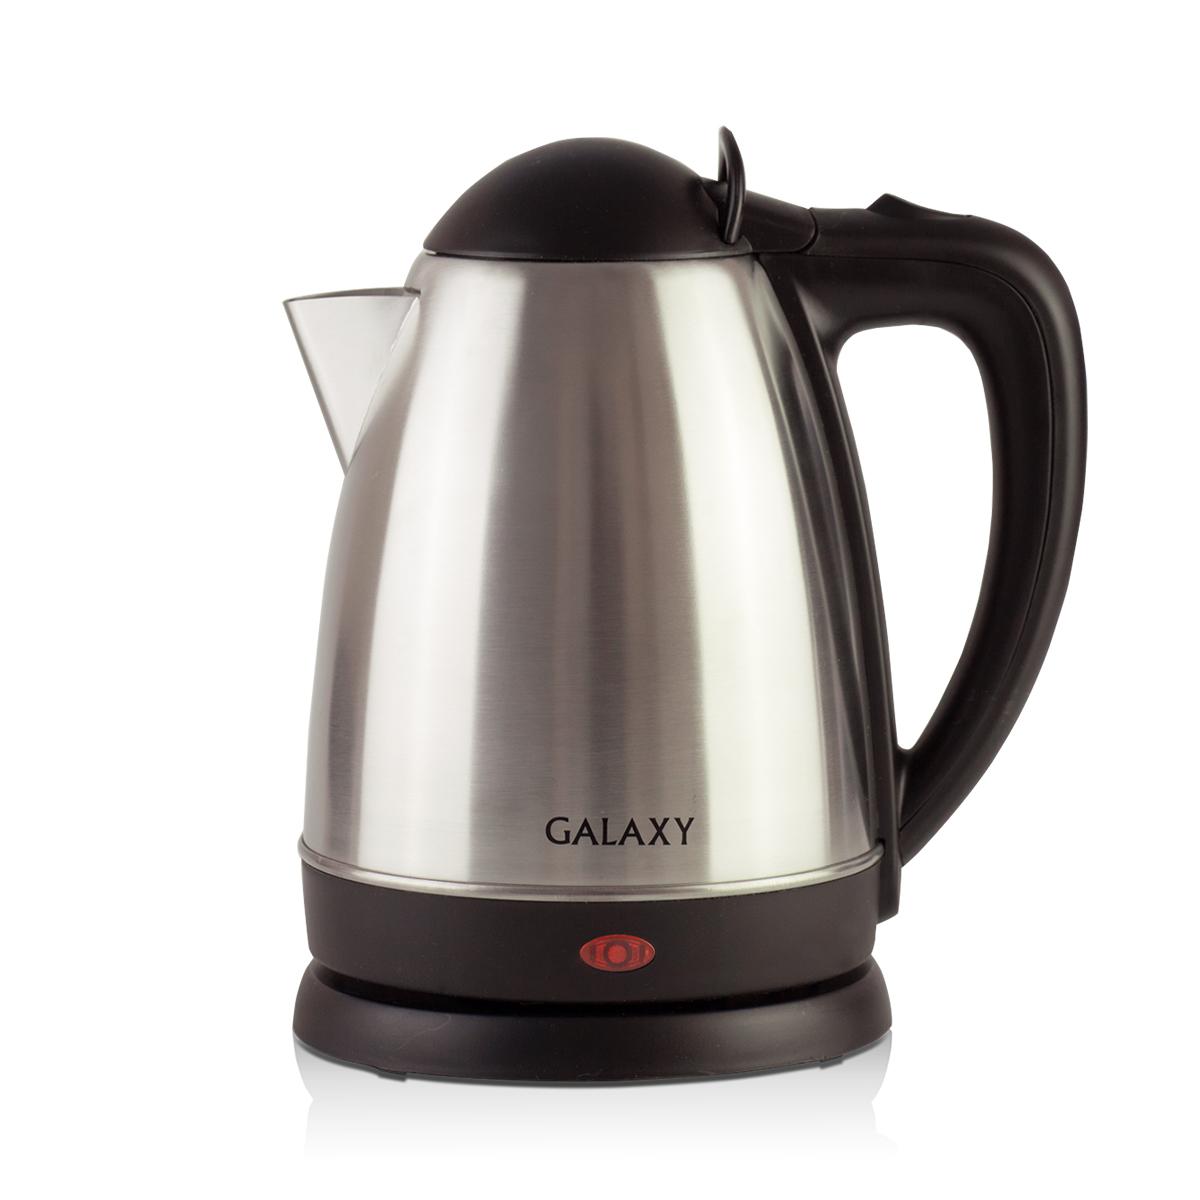 Galaxy GL 0316, Silver чайник электрический4650067301952Металлический чайник Galaxy GL 0316 изготавливается из стали марки 18/10, именуемой медицинской или хирургической. Такое название она получила не случайно, ведь именно из этой марки стали изготавливаются медицинские и хирургические инструменты. Это обусловлено тем, что сталь 18/10 экологически безопасна, имеет высокую плотность и твердость, устойчива к коррозии, а также к воздействию кислот и щелочей, в том числе при высоких температурах. Galaxy Galaxy GL 0316 - это мощная (2000 Вт) модель объемом 1,8 л. С помощью этого чайника вы сможете приготовить чай на большую компанию за считанные минуты. Вращающийся корпус сделает использование чайника еще более удобным, а фильтр избавит от попадания накипи в чашку.